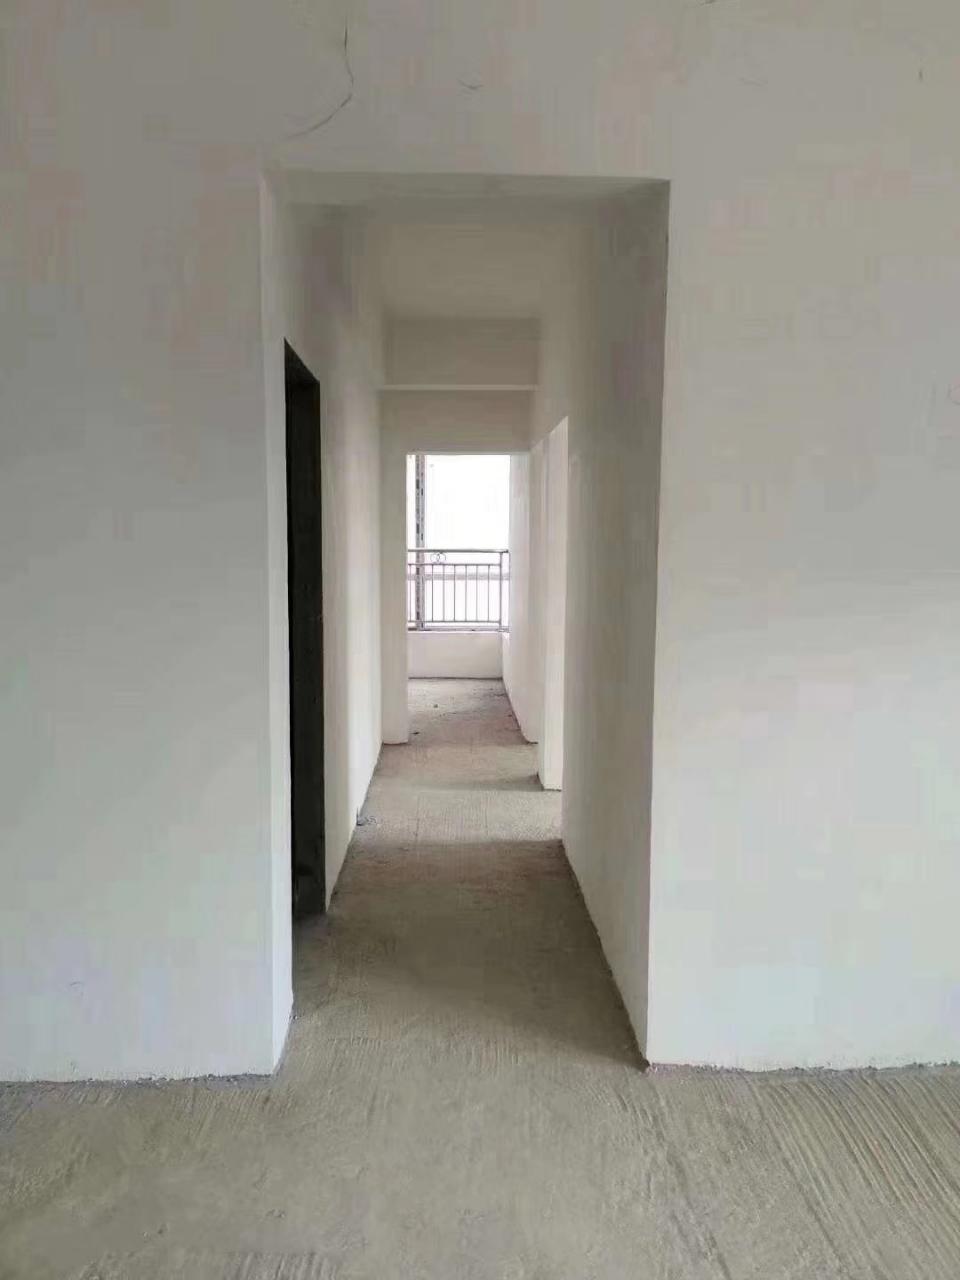 匯升廣場清水房116平3室2廳2衛80.8萬元